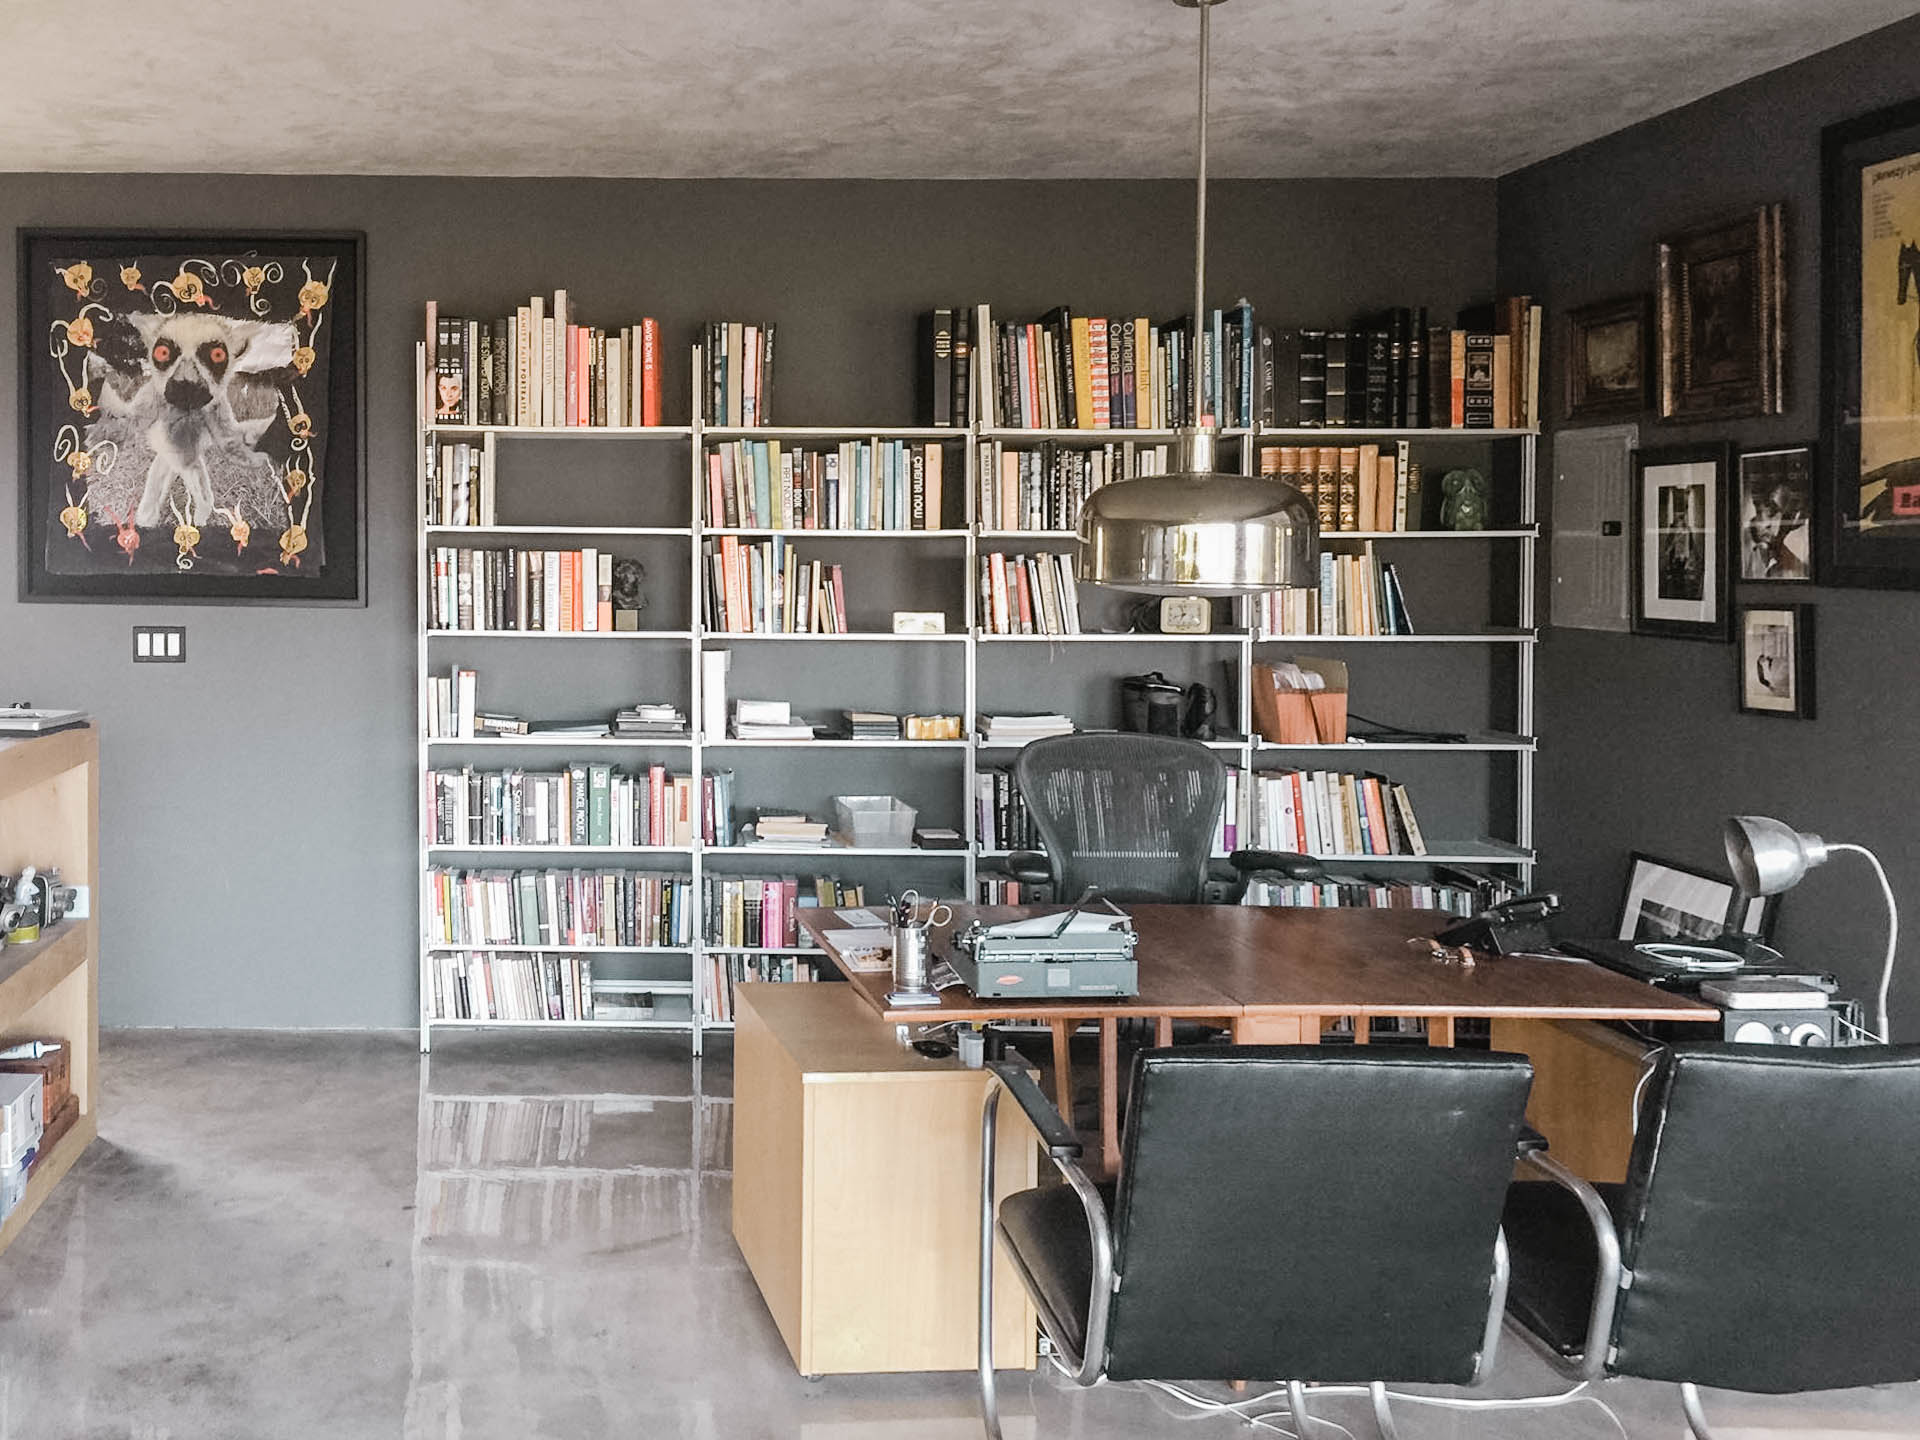 la-house-13.jpg